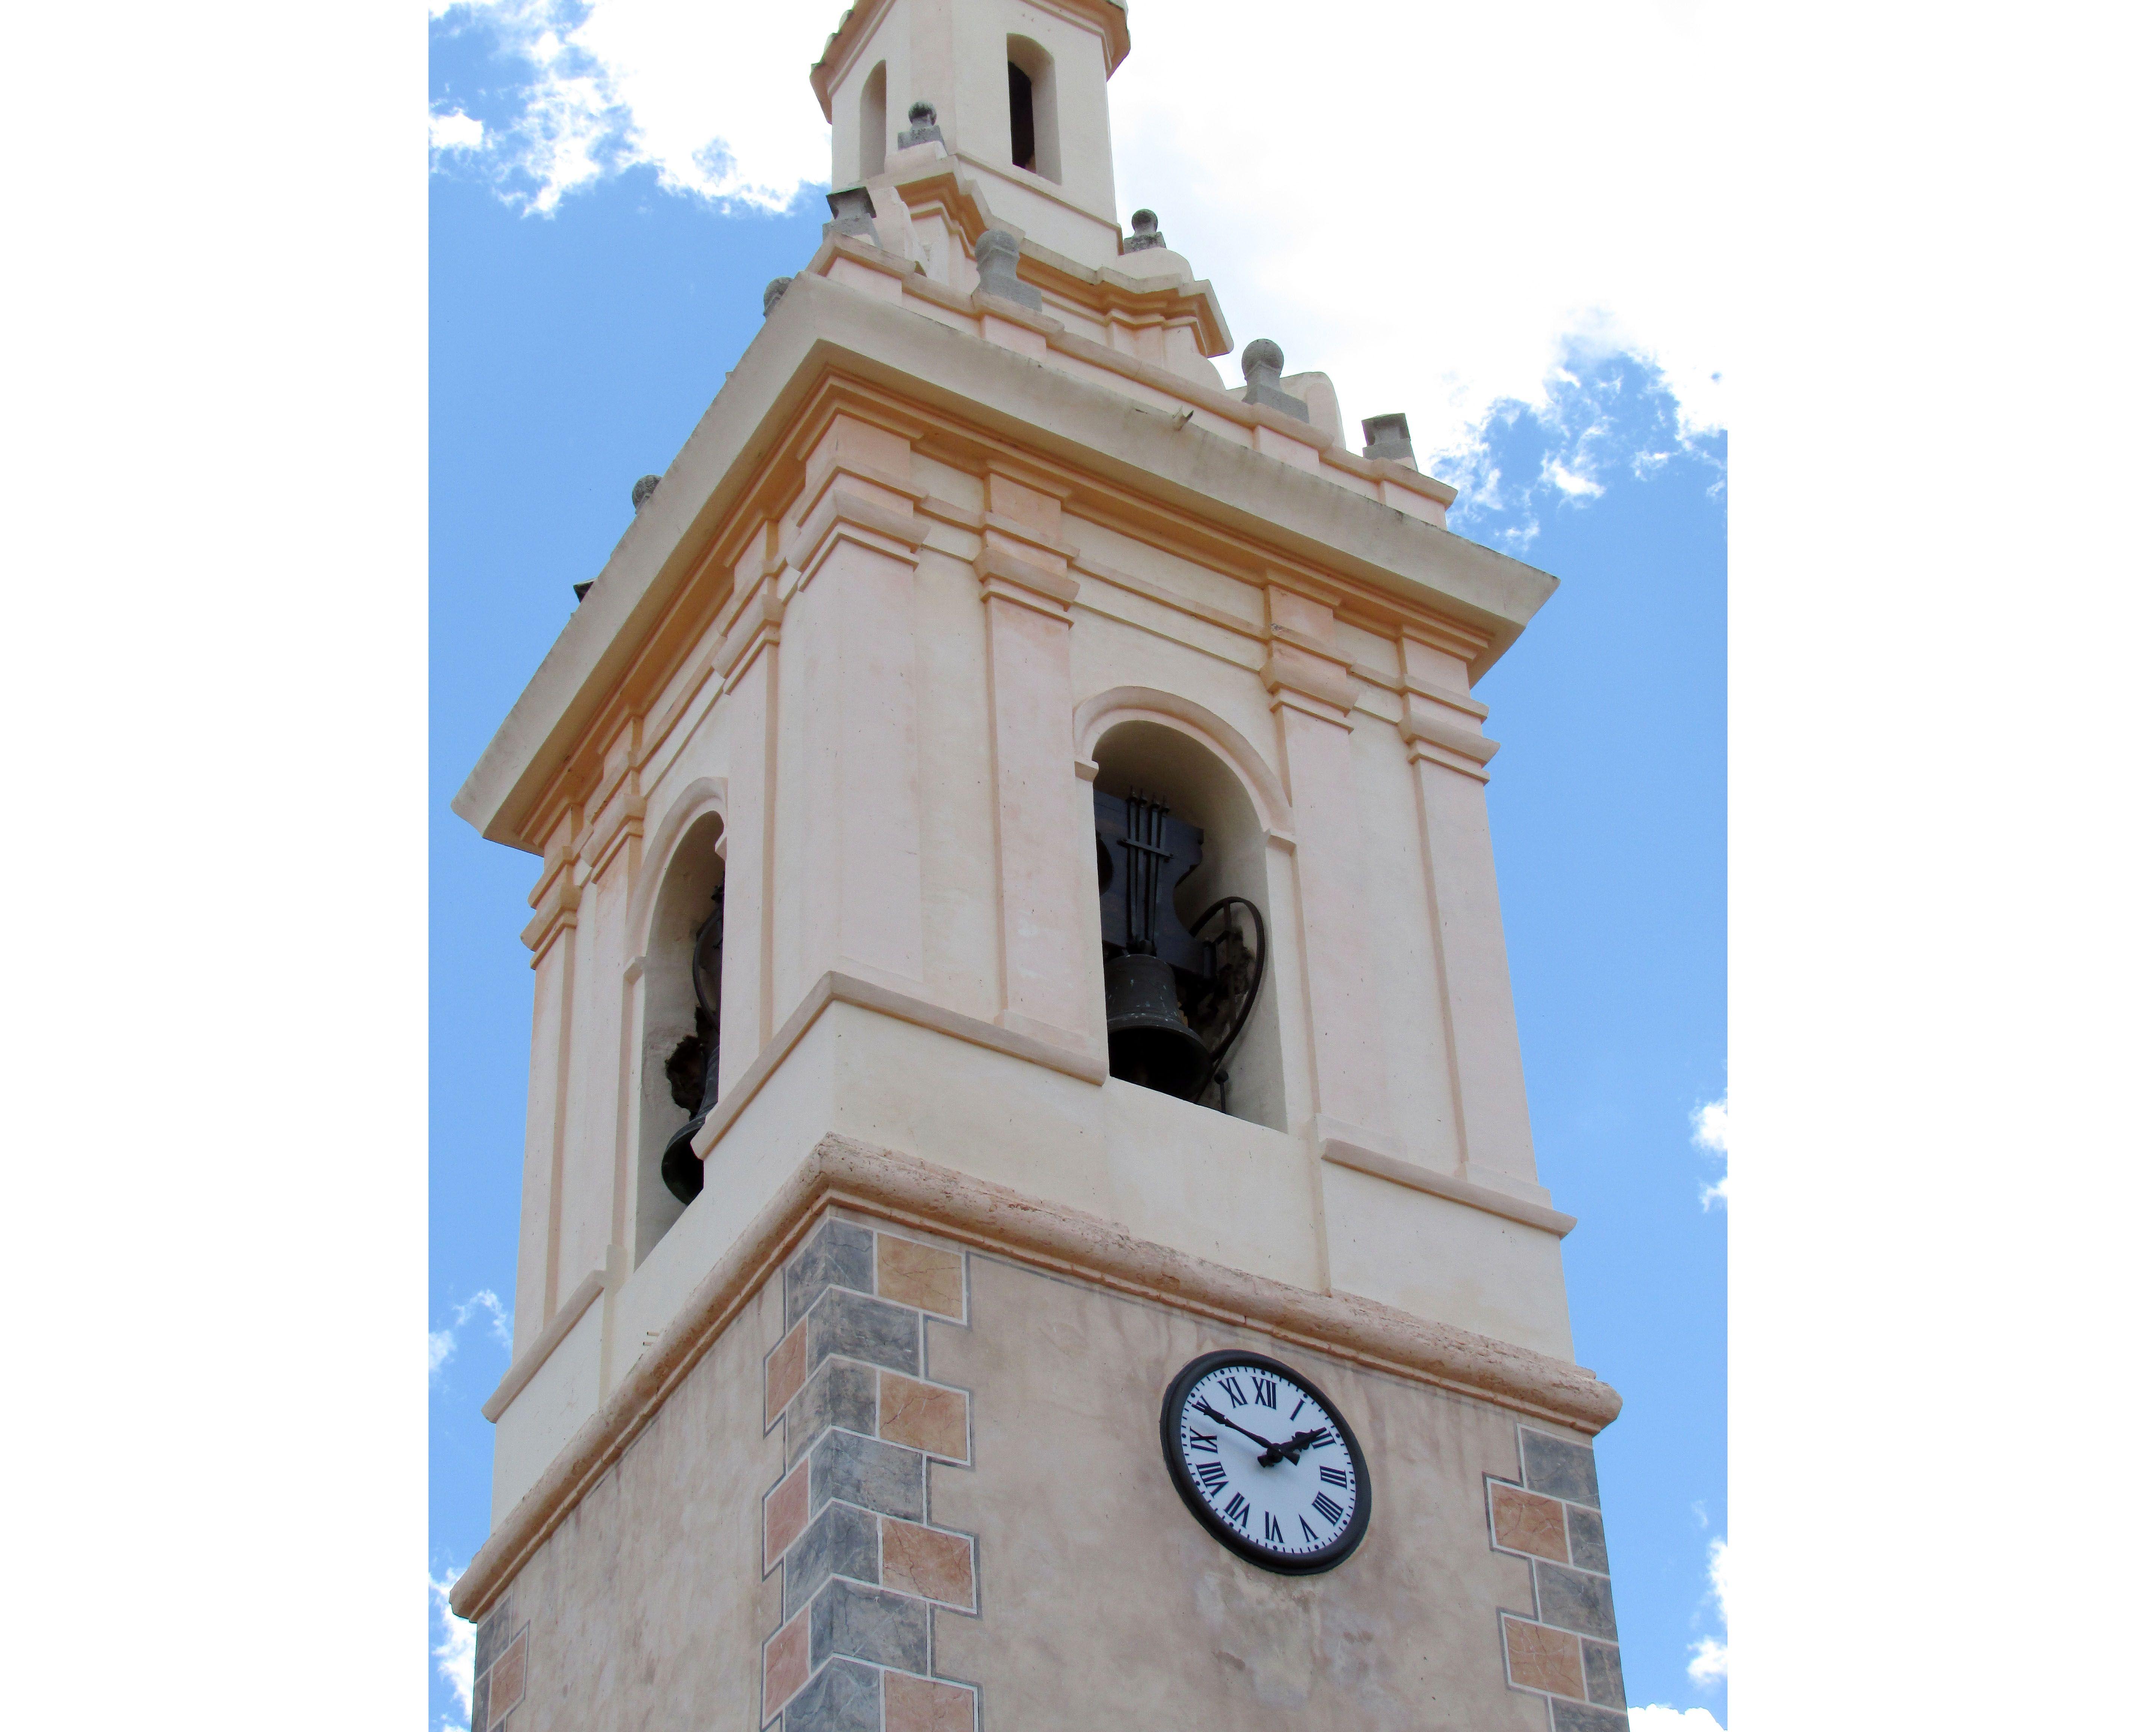 Reloj en la torre de La Llosa